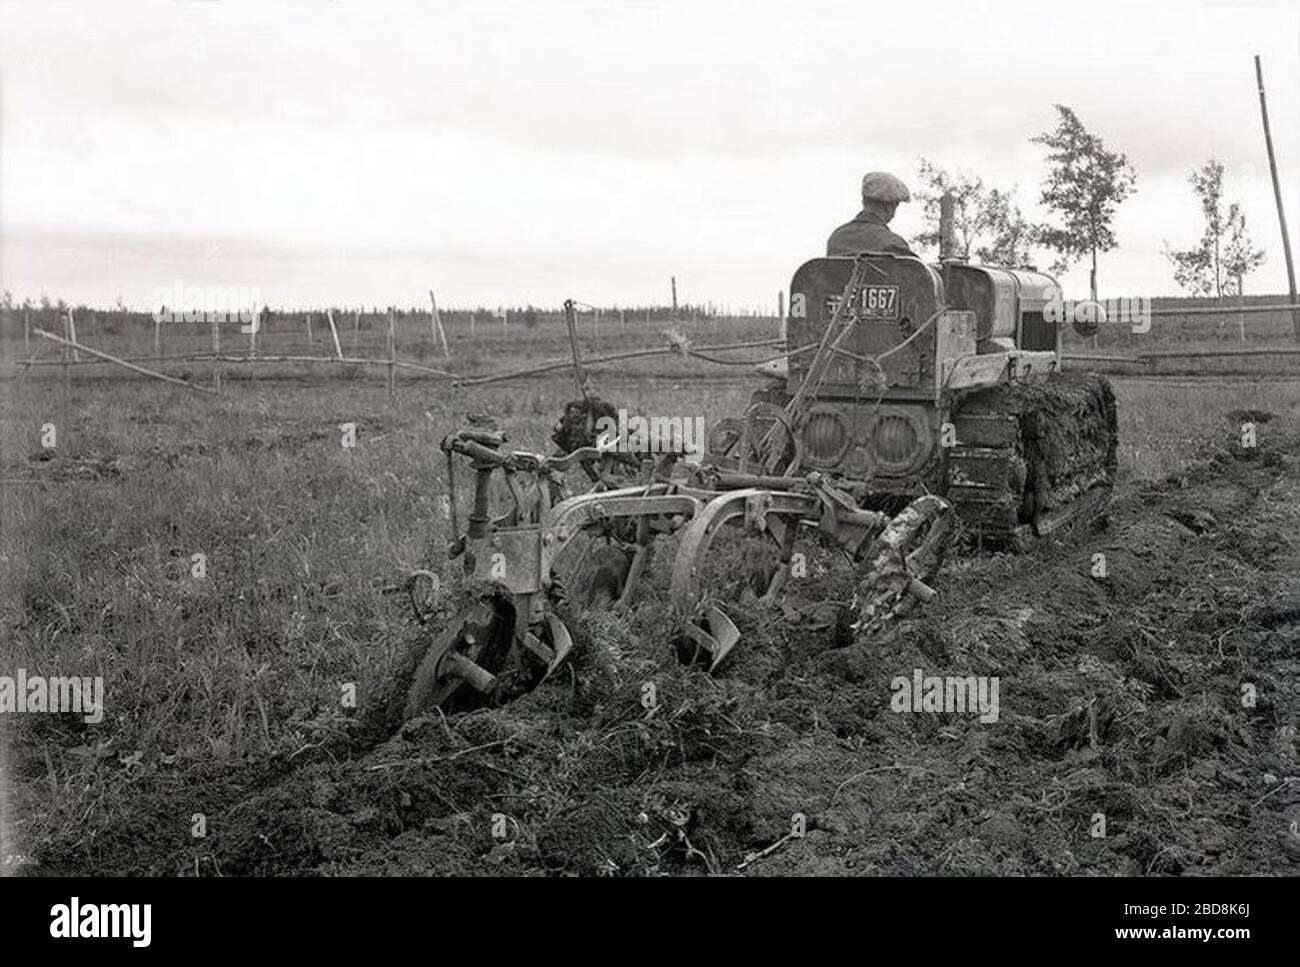 """""""Français: Labour mécanisé à l'aide d'un bulldozer sur le lot d'un colon, Abitibi Les dépôts argileux, laissés par la disparition du lac Ojibway-Barlow durant la période glaciaire, ont fait en sorte que les sols de l'Abitibi sont durs et compacts. Il faut donc travailler très fort pour les irriguer convenablement. Ici, même s'il a tendance à compacter le sol, un bulldozer est utilisé pour tirer une charrue.; 1937; https://www.flickr.com/photos/banq/36648968385/in/album-72157687673108316/; BAnQ Rouyn-Noranda - Fonds: Canadien National - Cote: 08Y P213,P6 - Photographe: Inconnu; """" Stock Photo"""